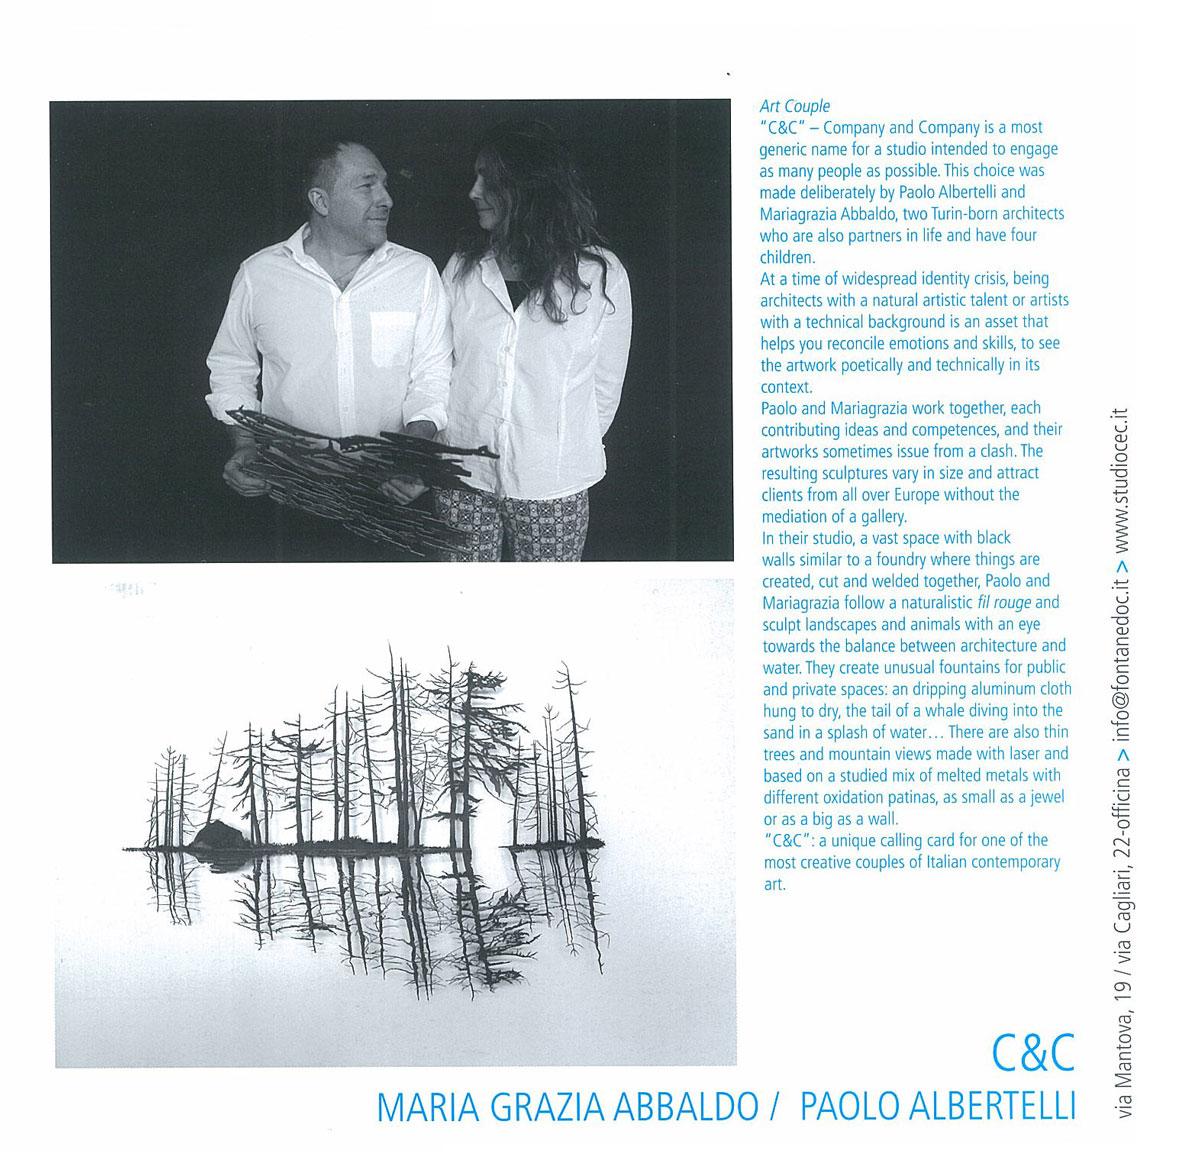 Paolo Albertelli e Mariagrazia Abbaldo, Studio C&C